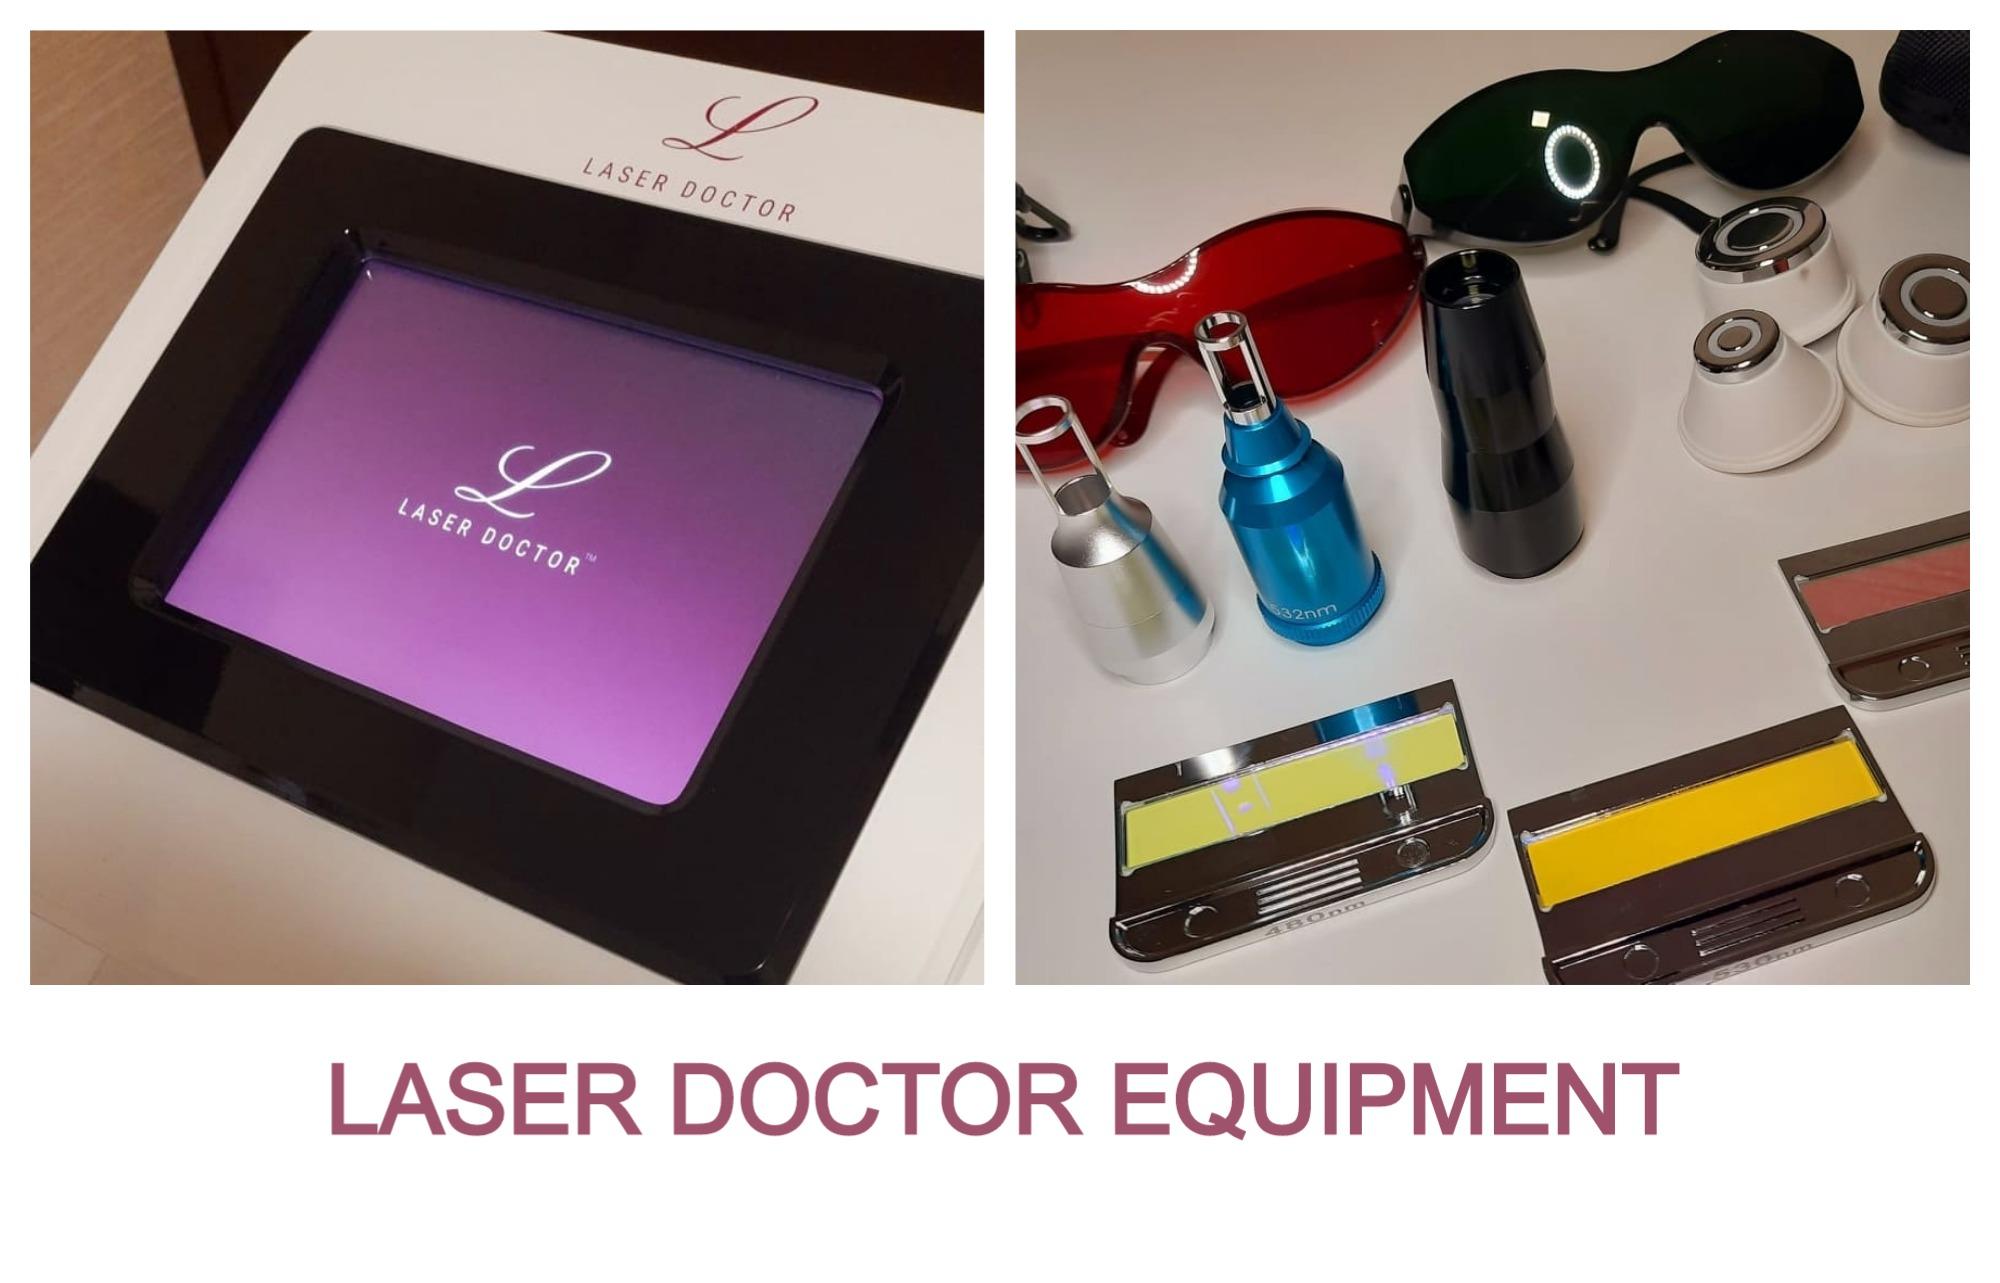 aser-doctor-equipment